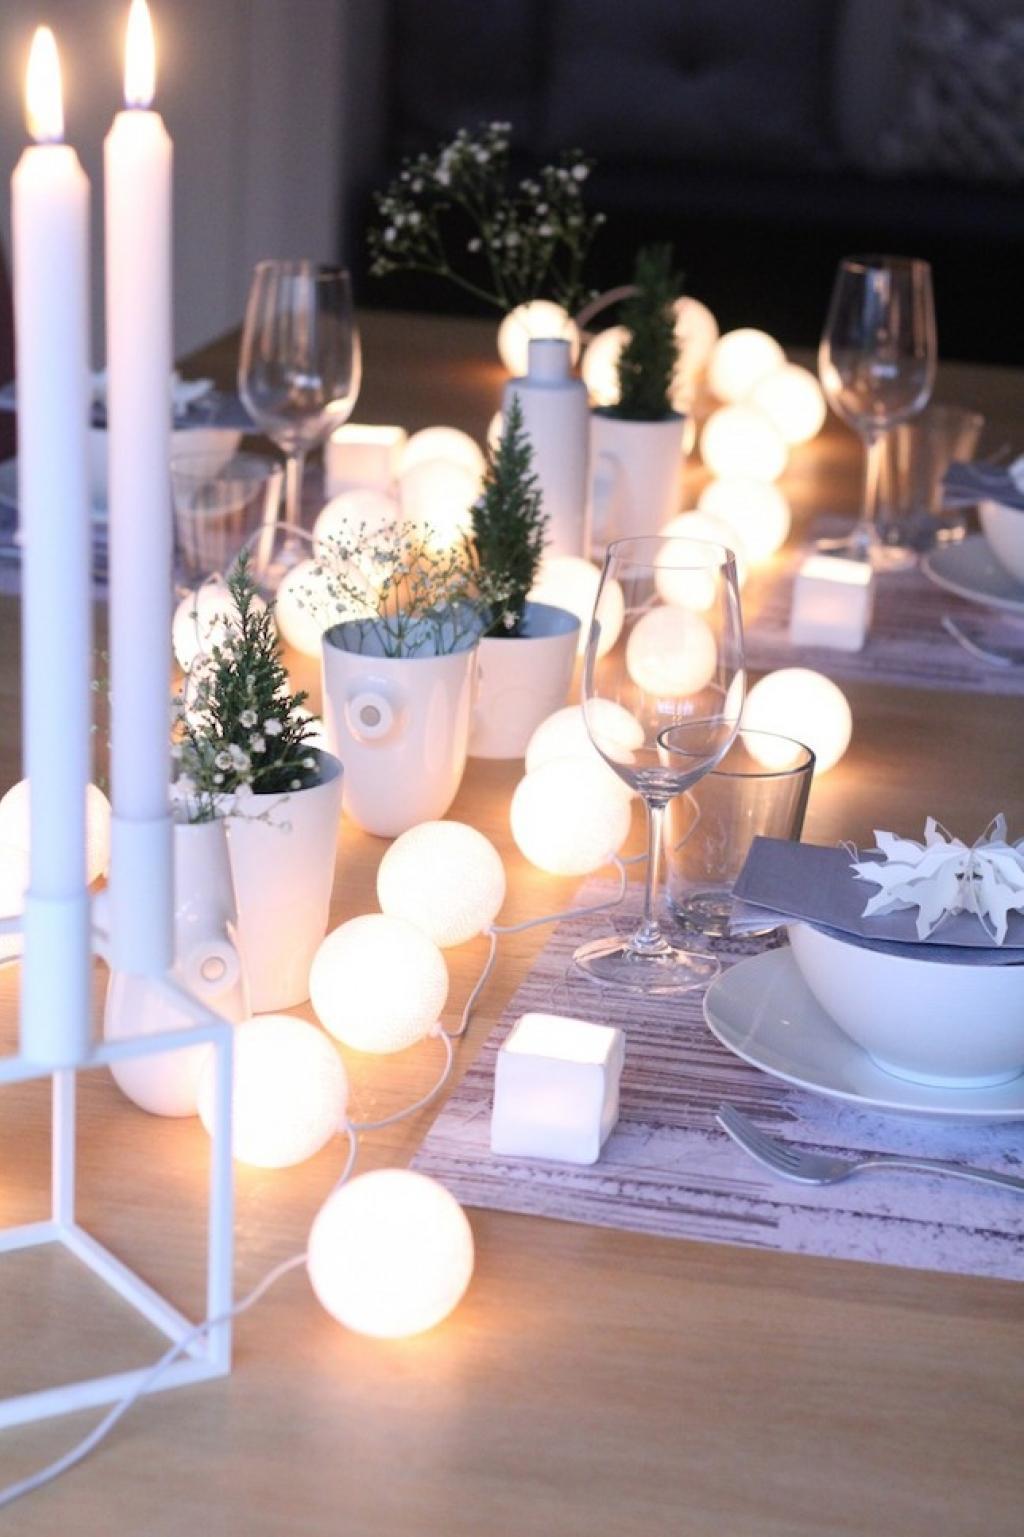 White christmas table decoration ideas - Miniature White Christmas